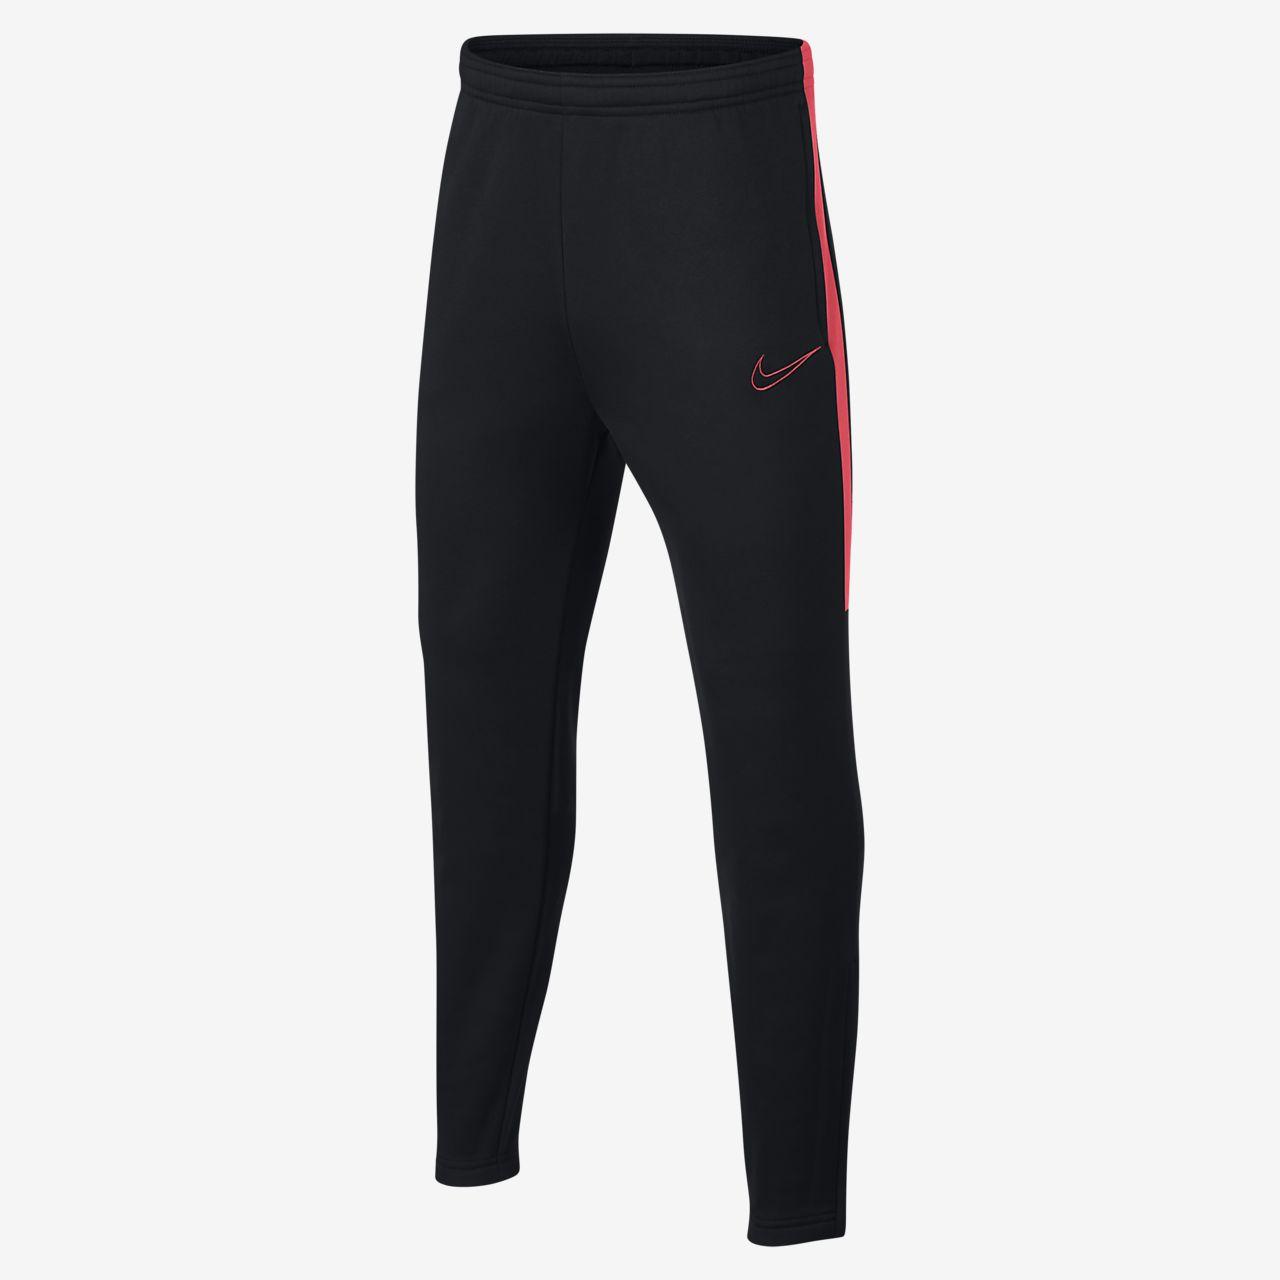 Nike Therma Academy大童(男孩)足球长裤